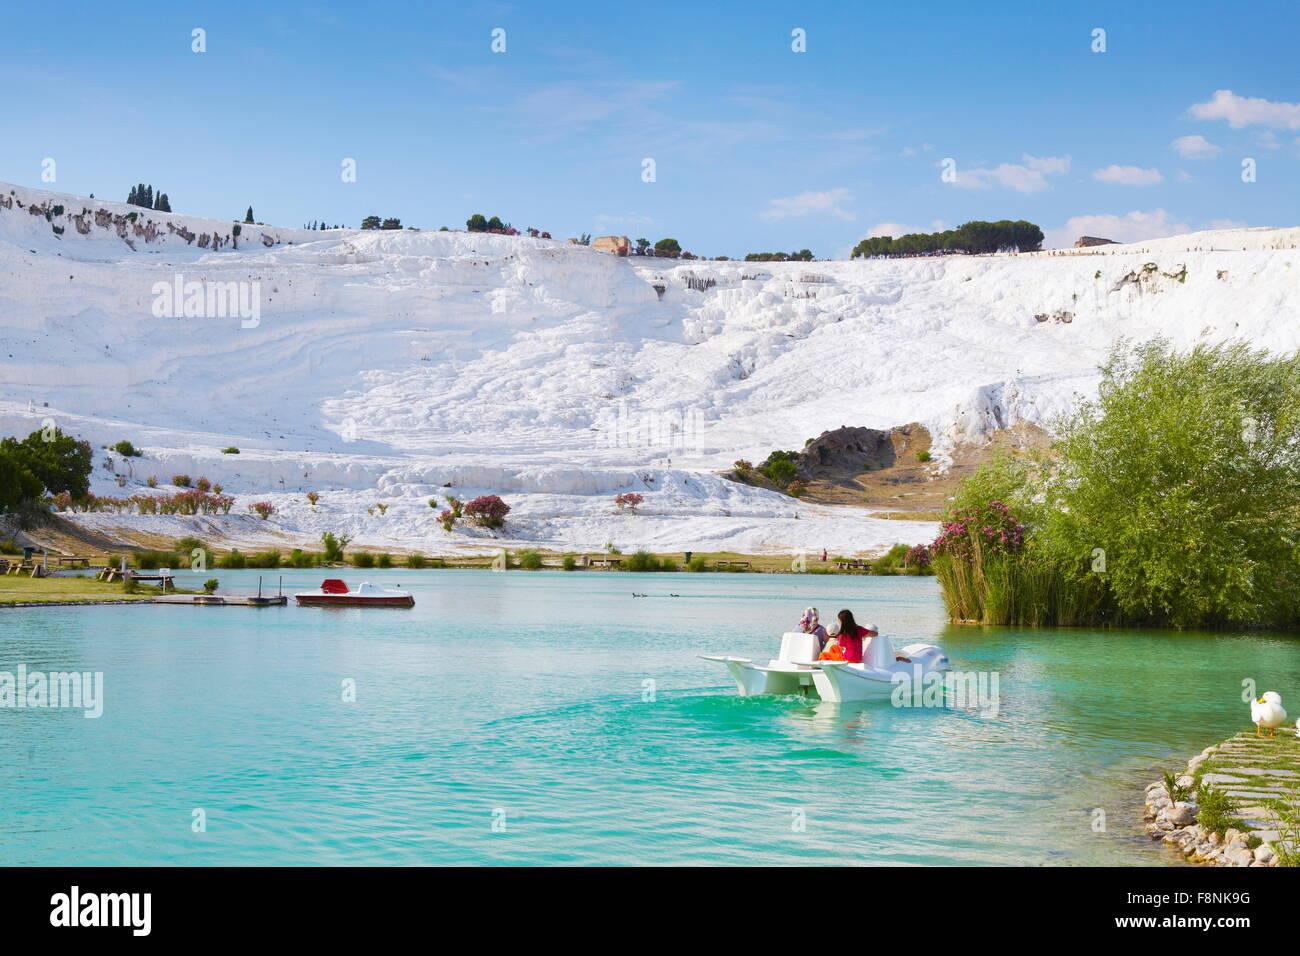 Pamukkale, el lago y la zona recreativa a los pies de las terrazas de piedra caliza, Turquía, la Unesco Imagen De Stock